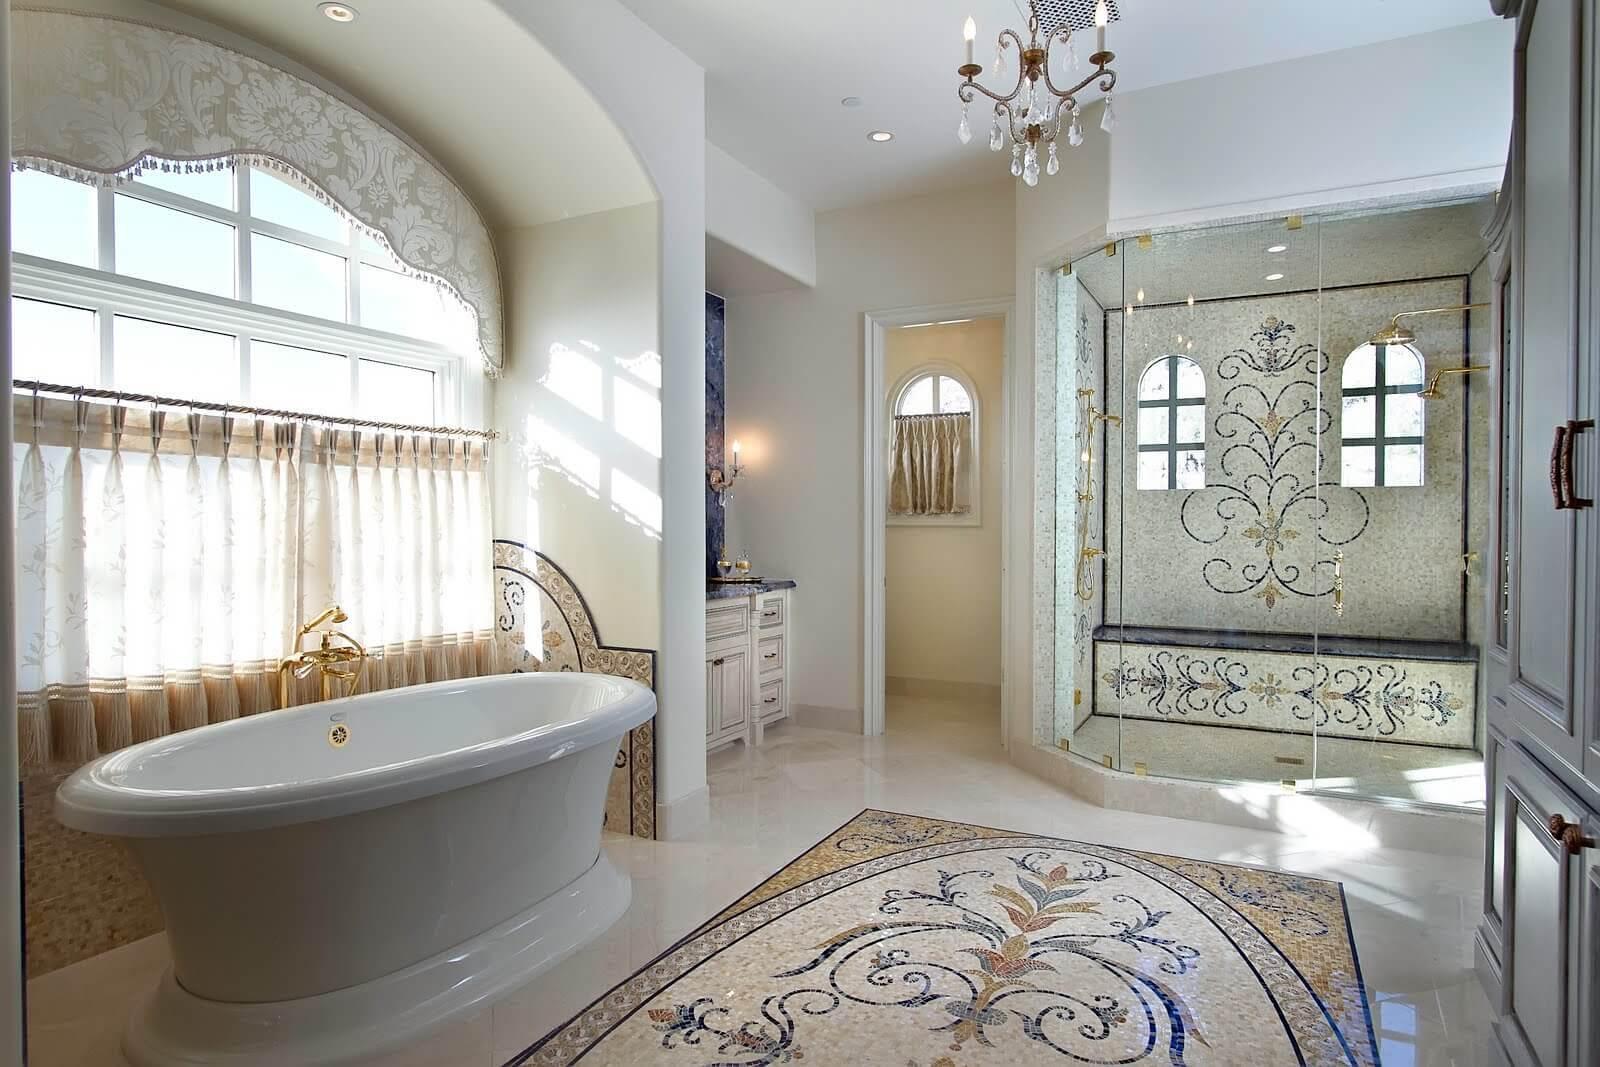 Узор из мозаики на полу ванной комнаты